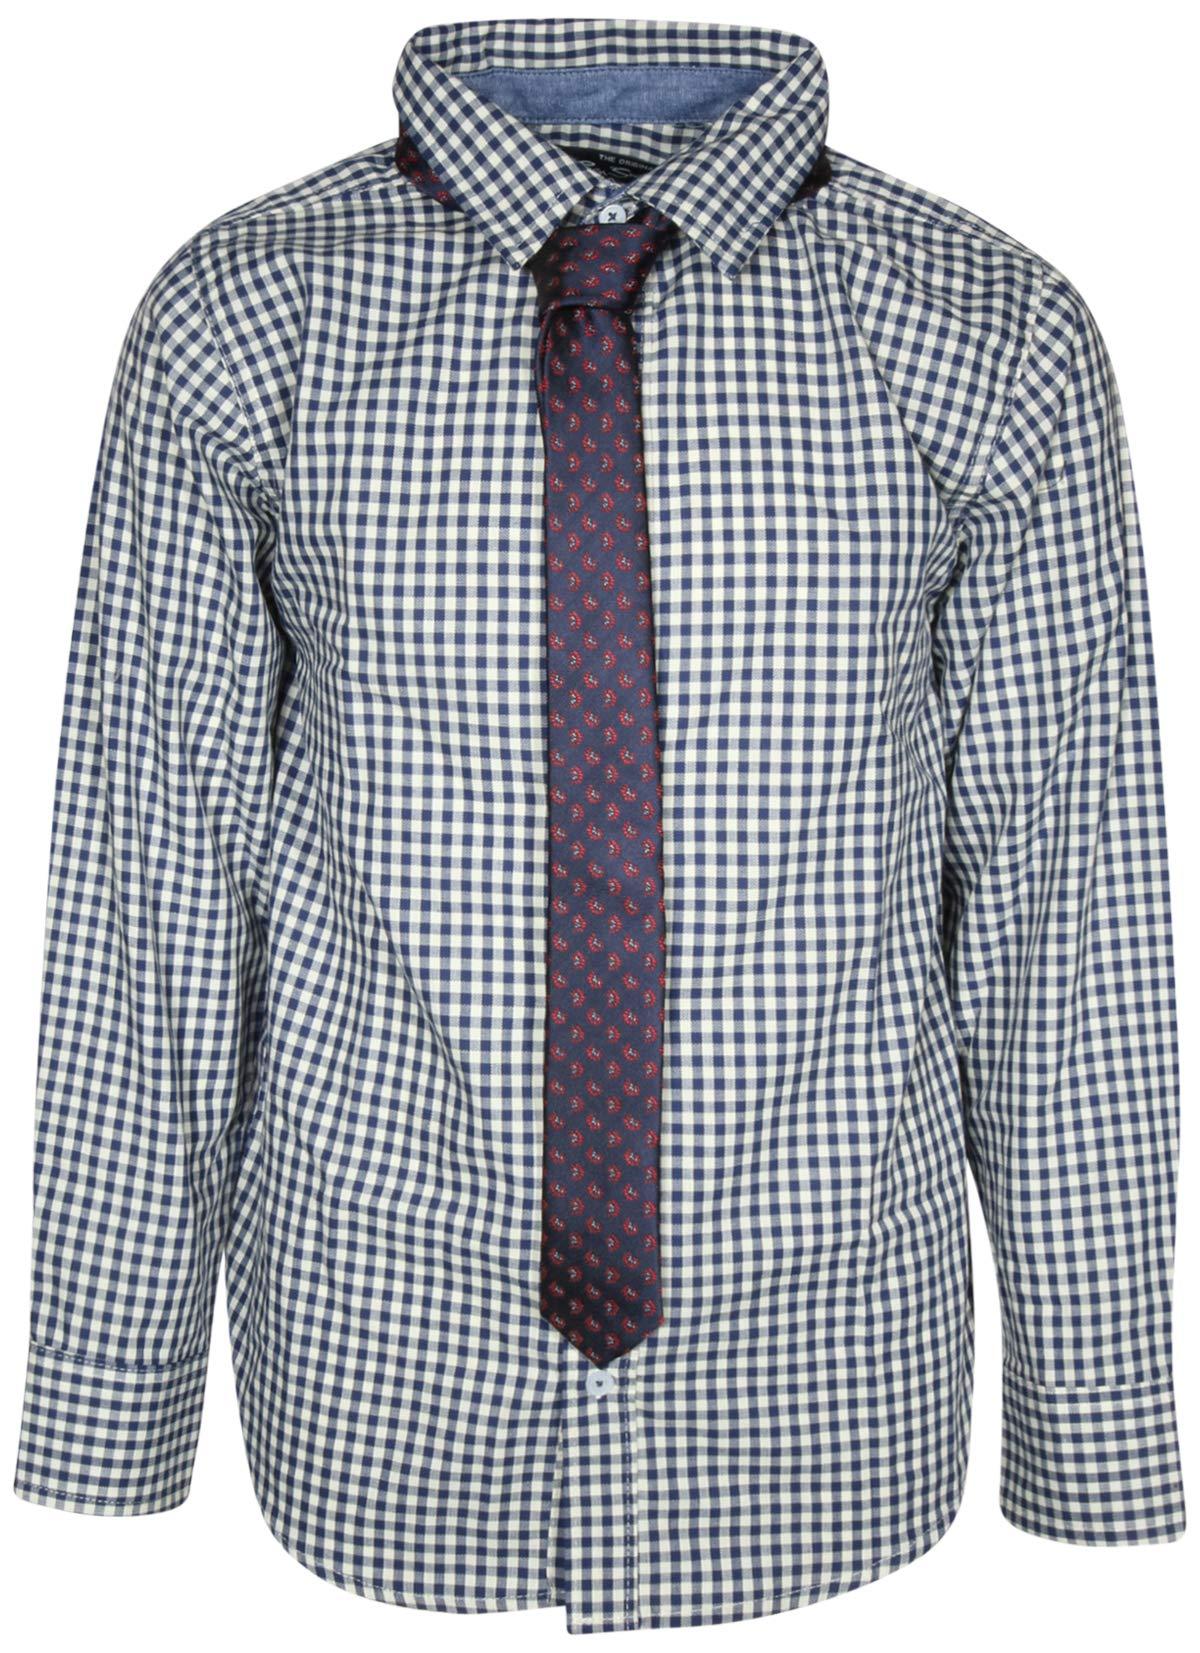 Ben Sherman Boys Long Sleeve Shirt Tie Set, White Plaid, Size 5' by Ben Sherman (Image #1)